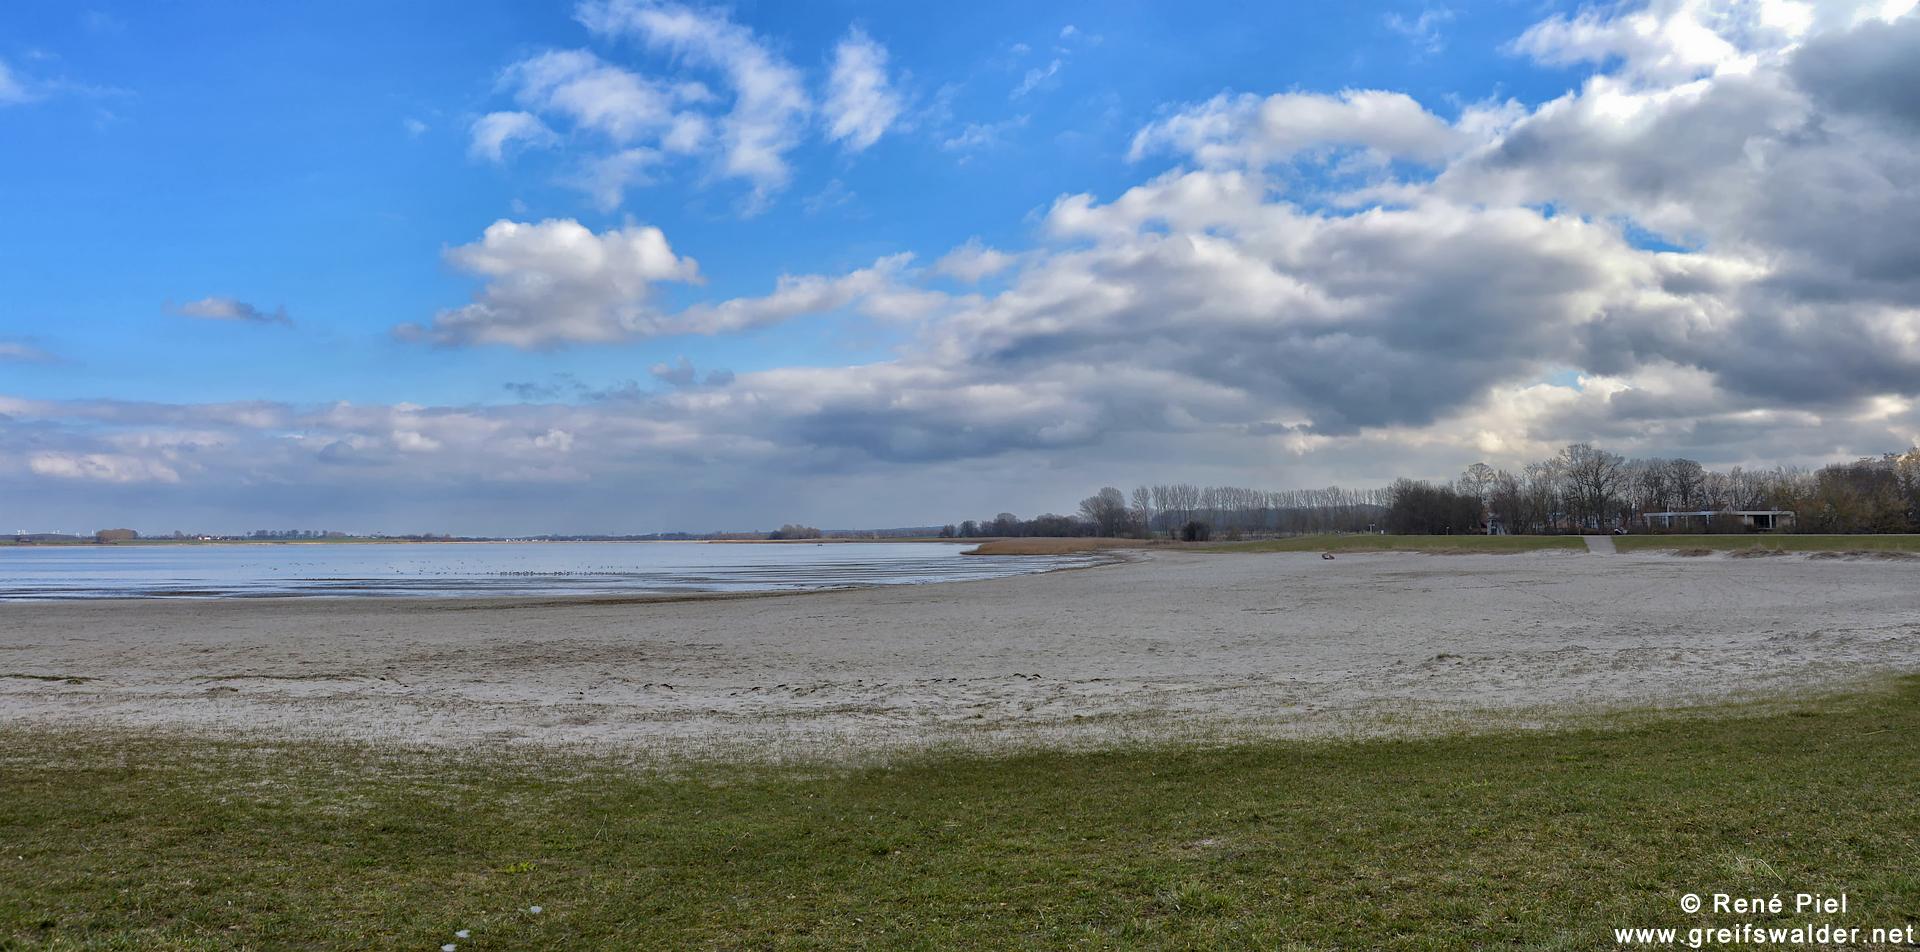 wolkig und menschenleer am Strand in Greifswald-Eldena